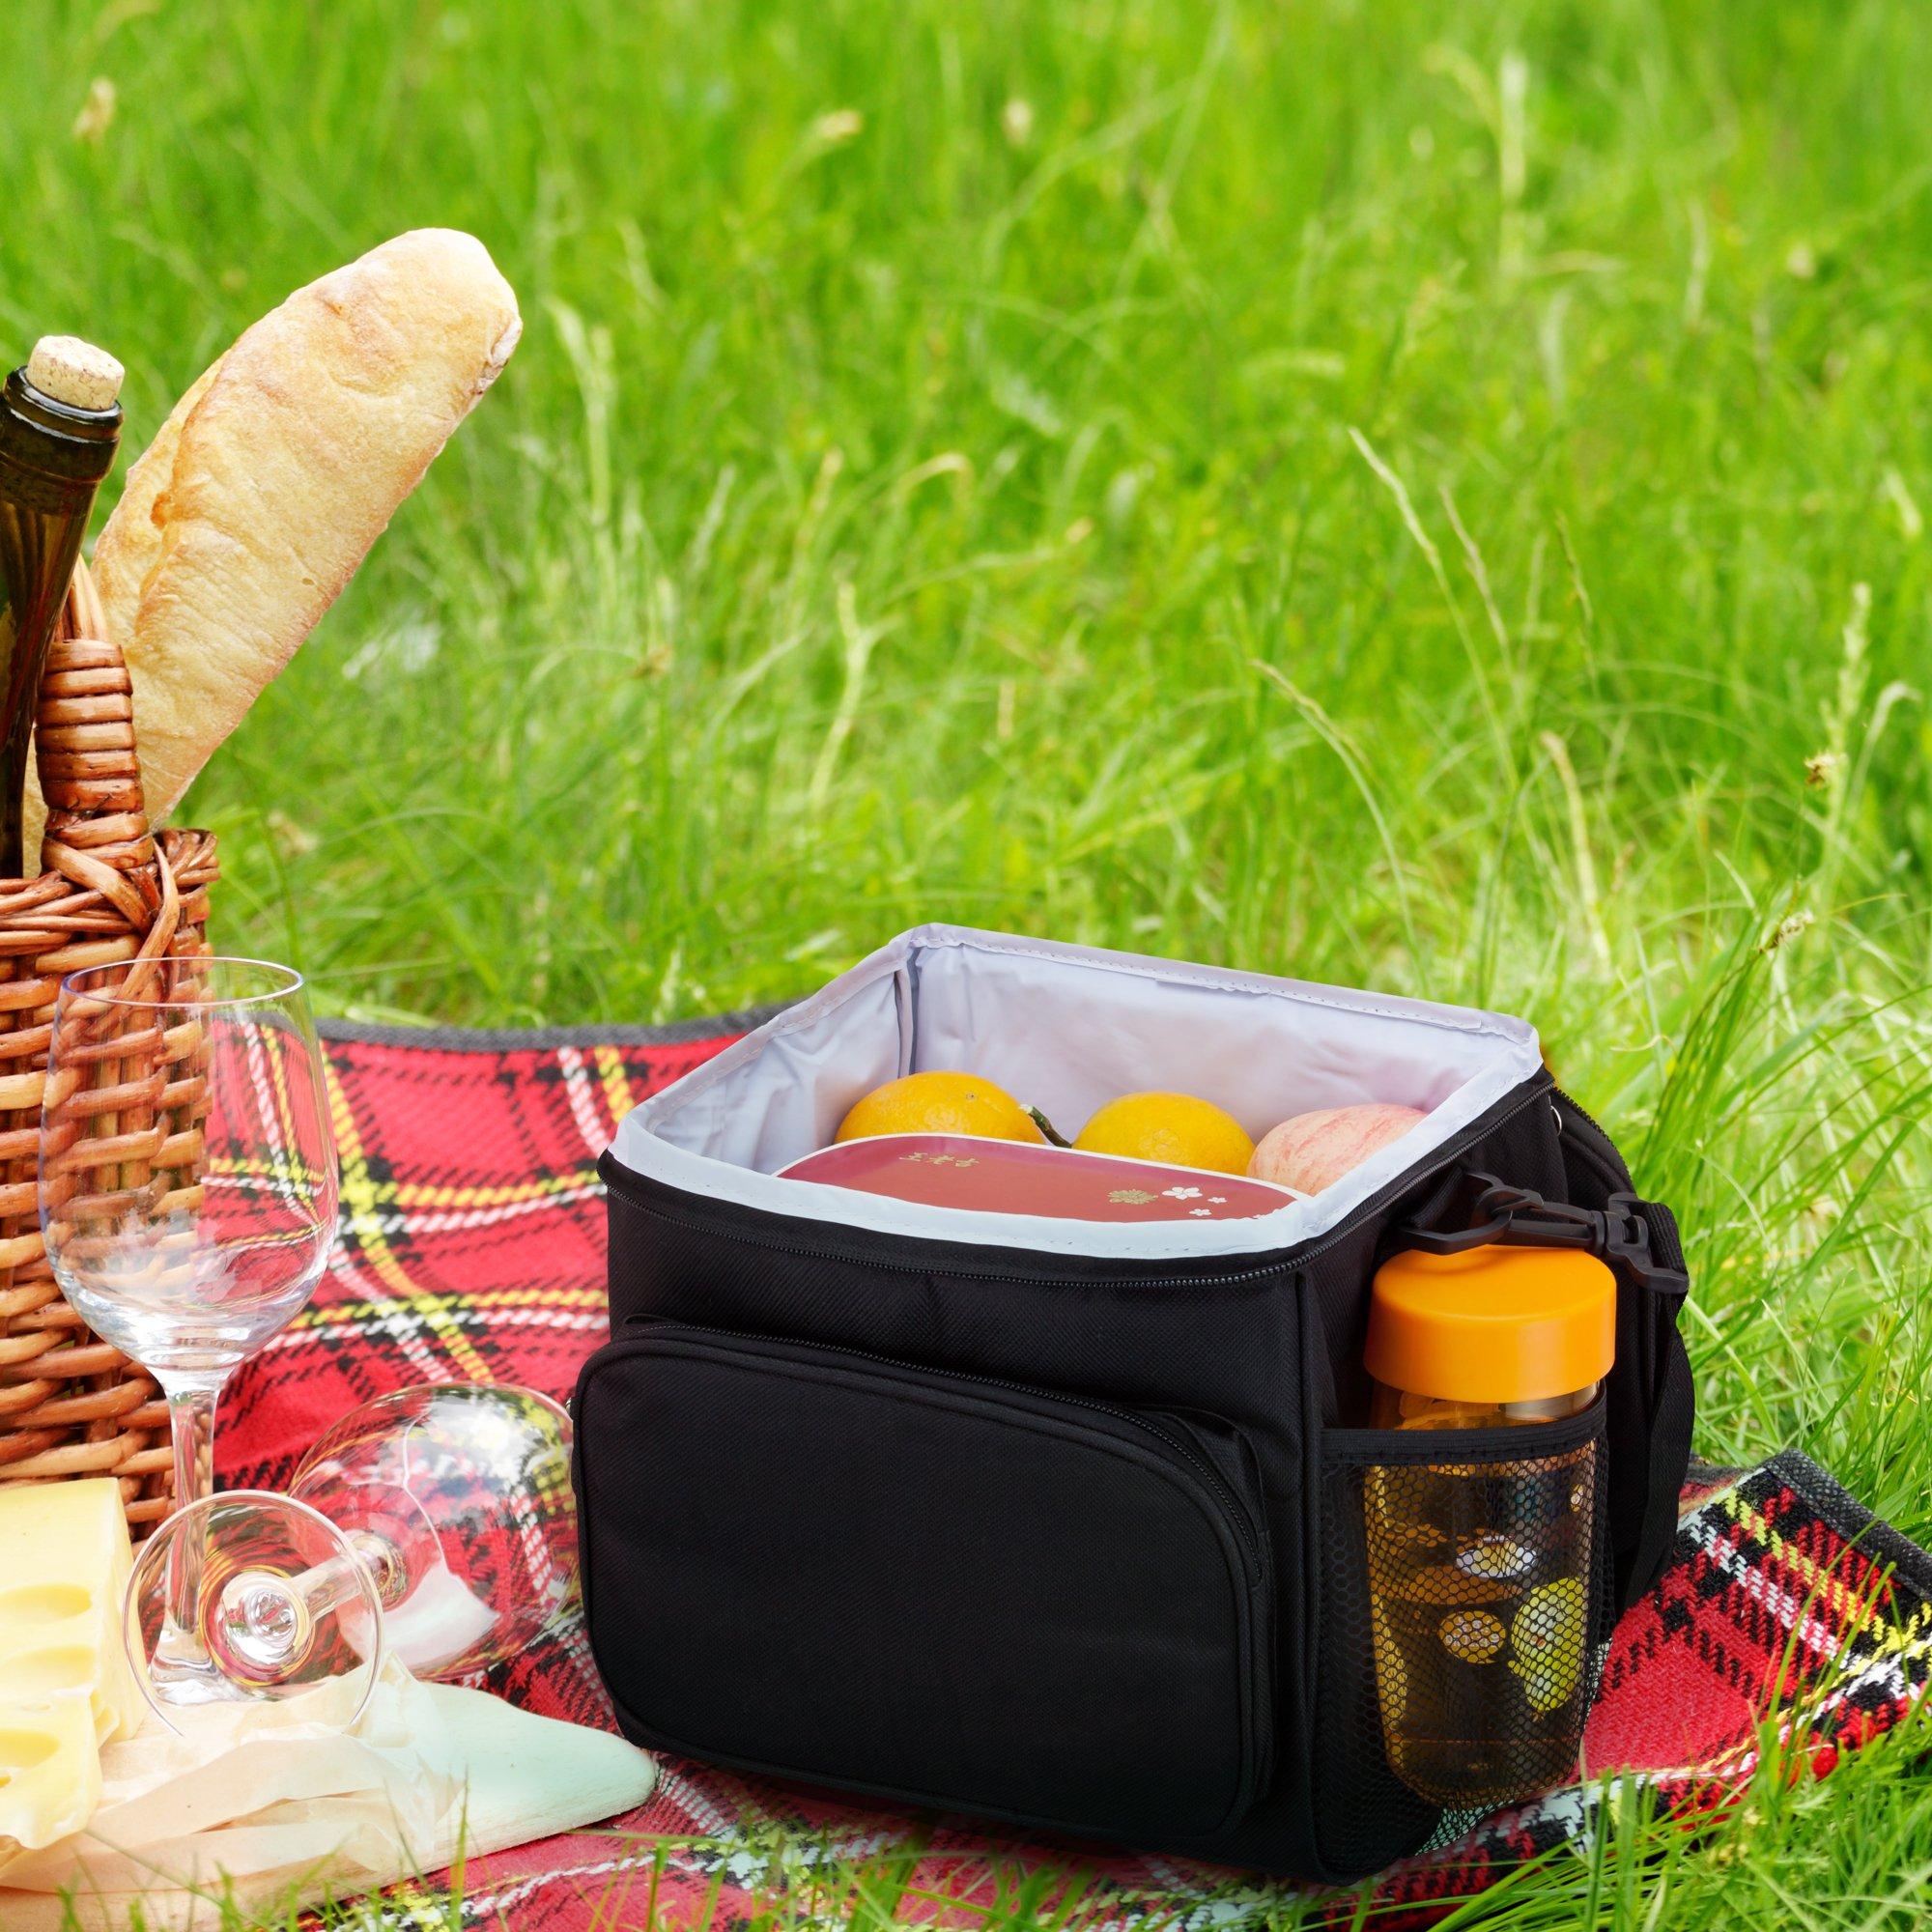 Adult Lunch Box Insulated Lunch Bag Large Cooler Tote Bag for Men & Women, Double Deck Heat-resistant Cooler with Adjustable Shoulder Handbag(black)